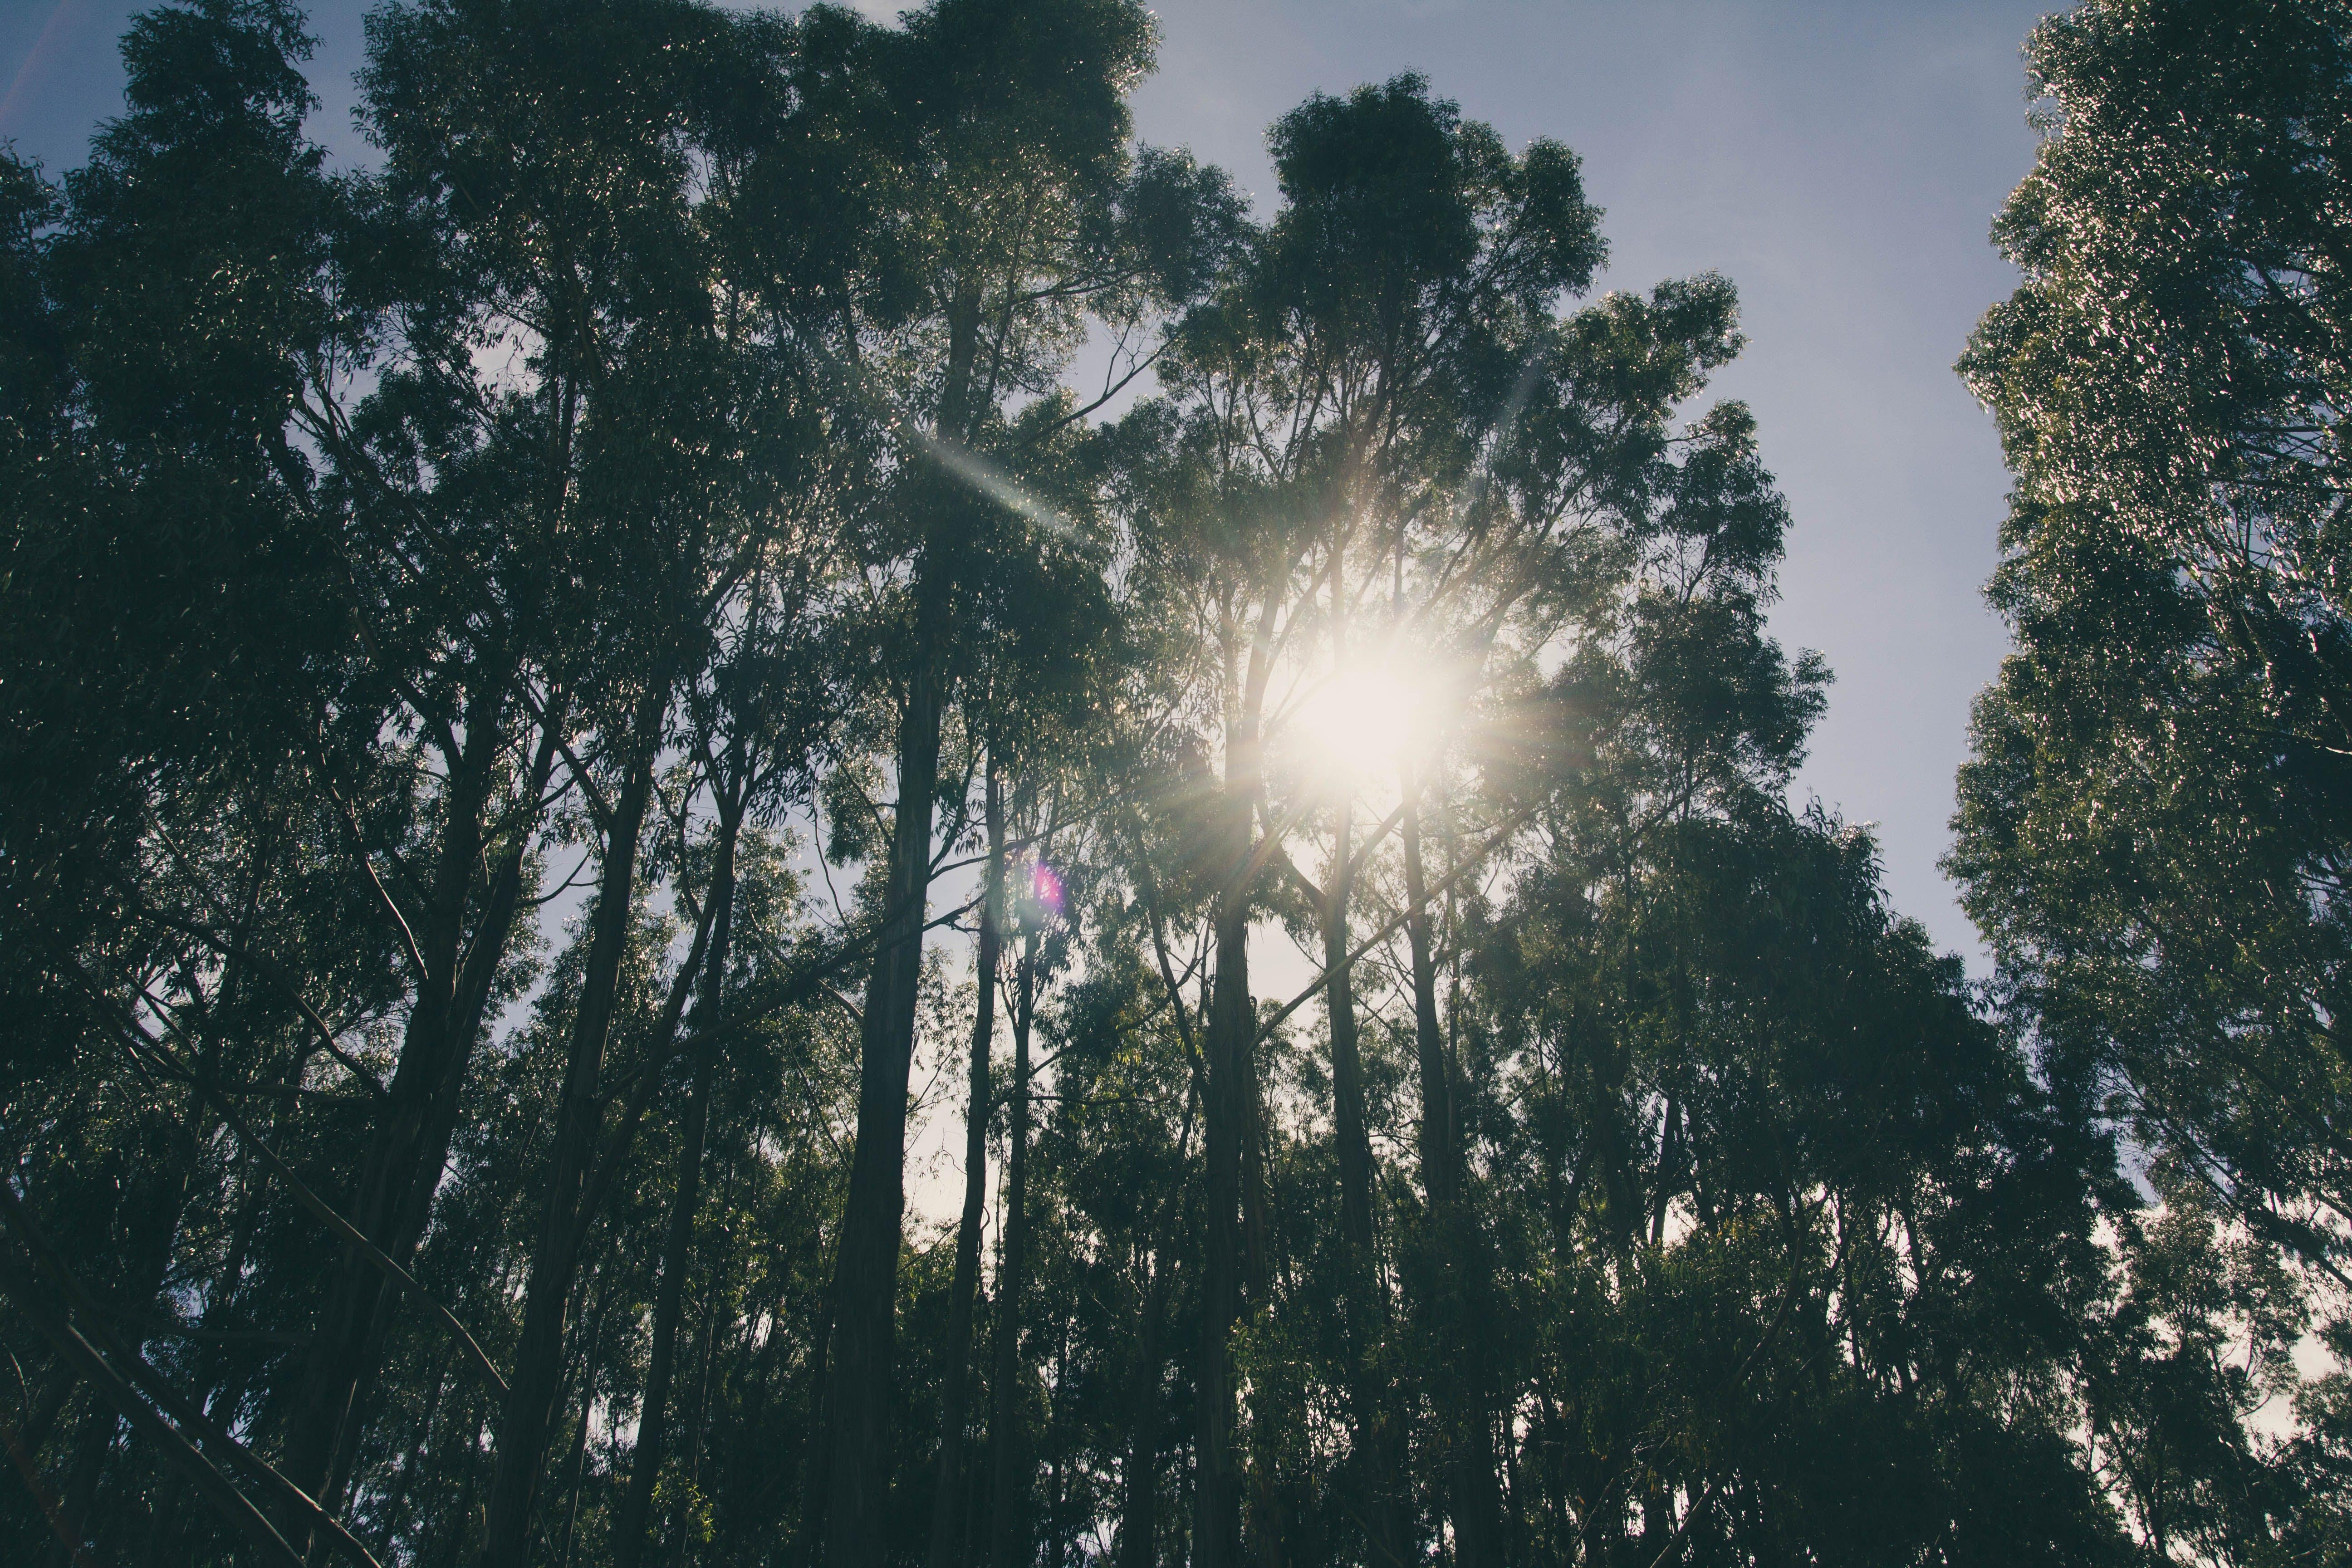 Kostenloses Stock Foto zu licht, landschaft, natur, bäume